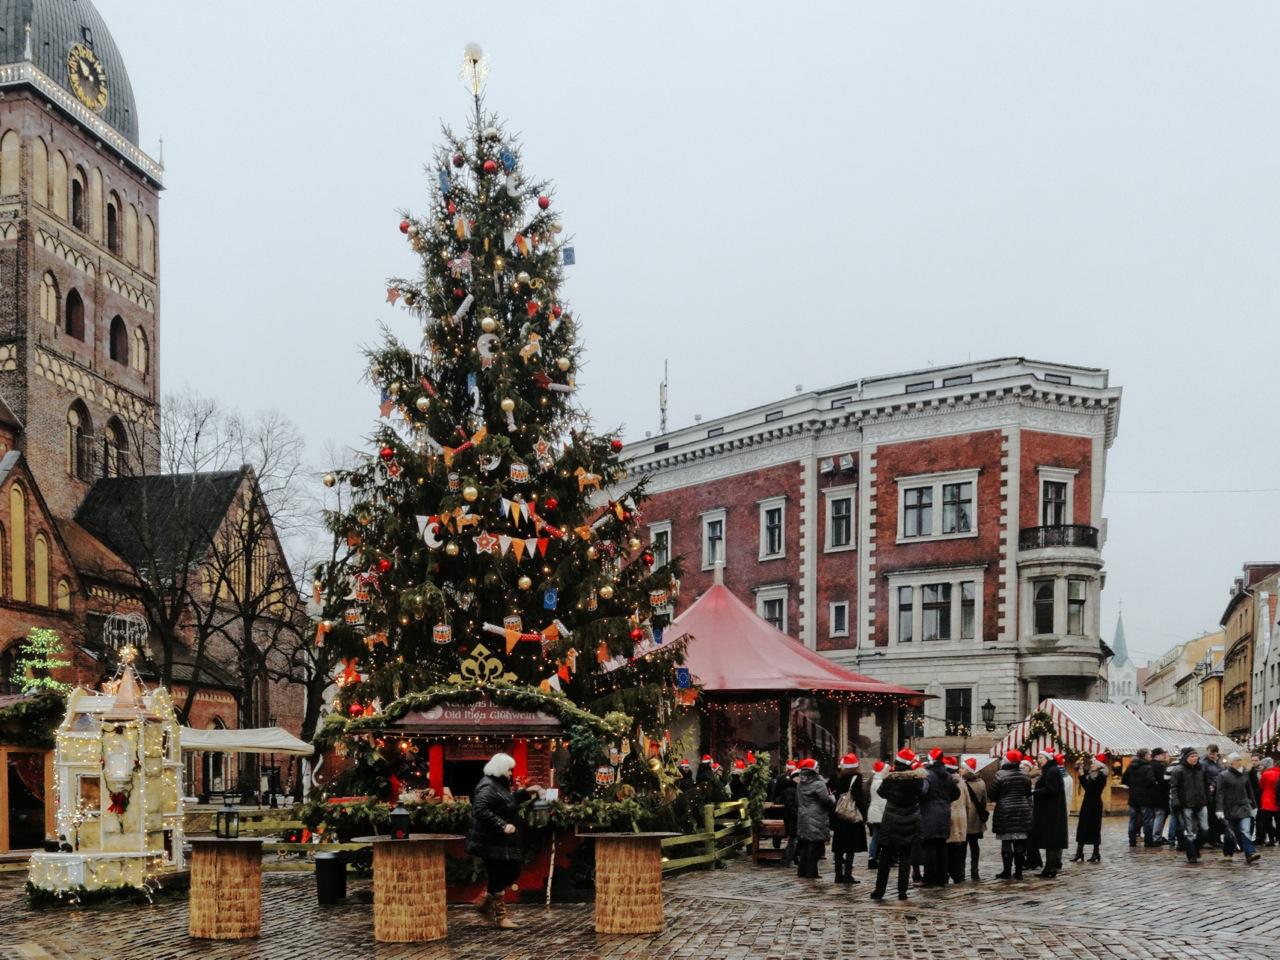 Bild: Der Weihnachtsbaum auf dem Weihnachtsmarkt am Dom Zu Riga. OLYMPUS OM-D E-M5 mit M.Zuiko Digital 12-50 mm 1:3.5-6.3 EZ. ISO 800 ¦ f/9 ¦ 12 mm ¦ 1/25 s ¦ kein Blitz. Klicken Sie auf das Bild um es zu vergrößern.